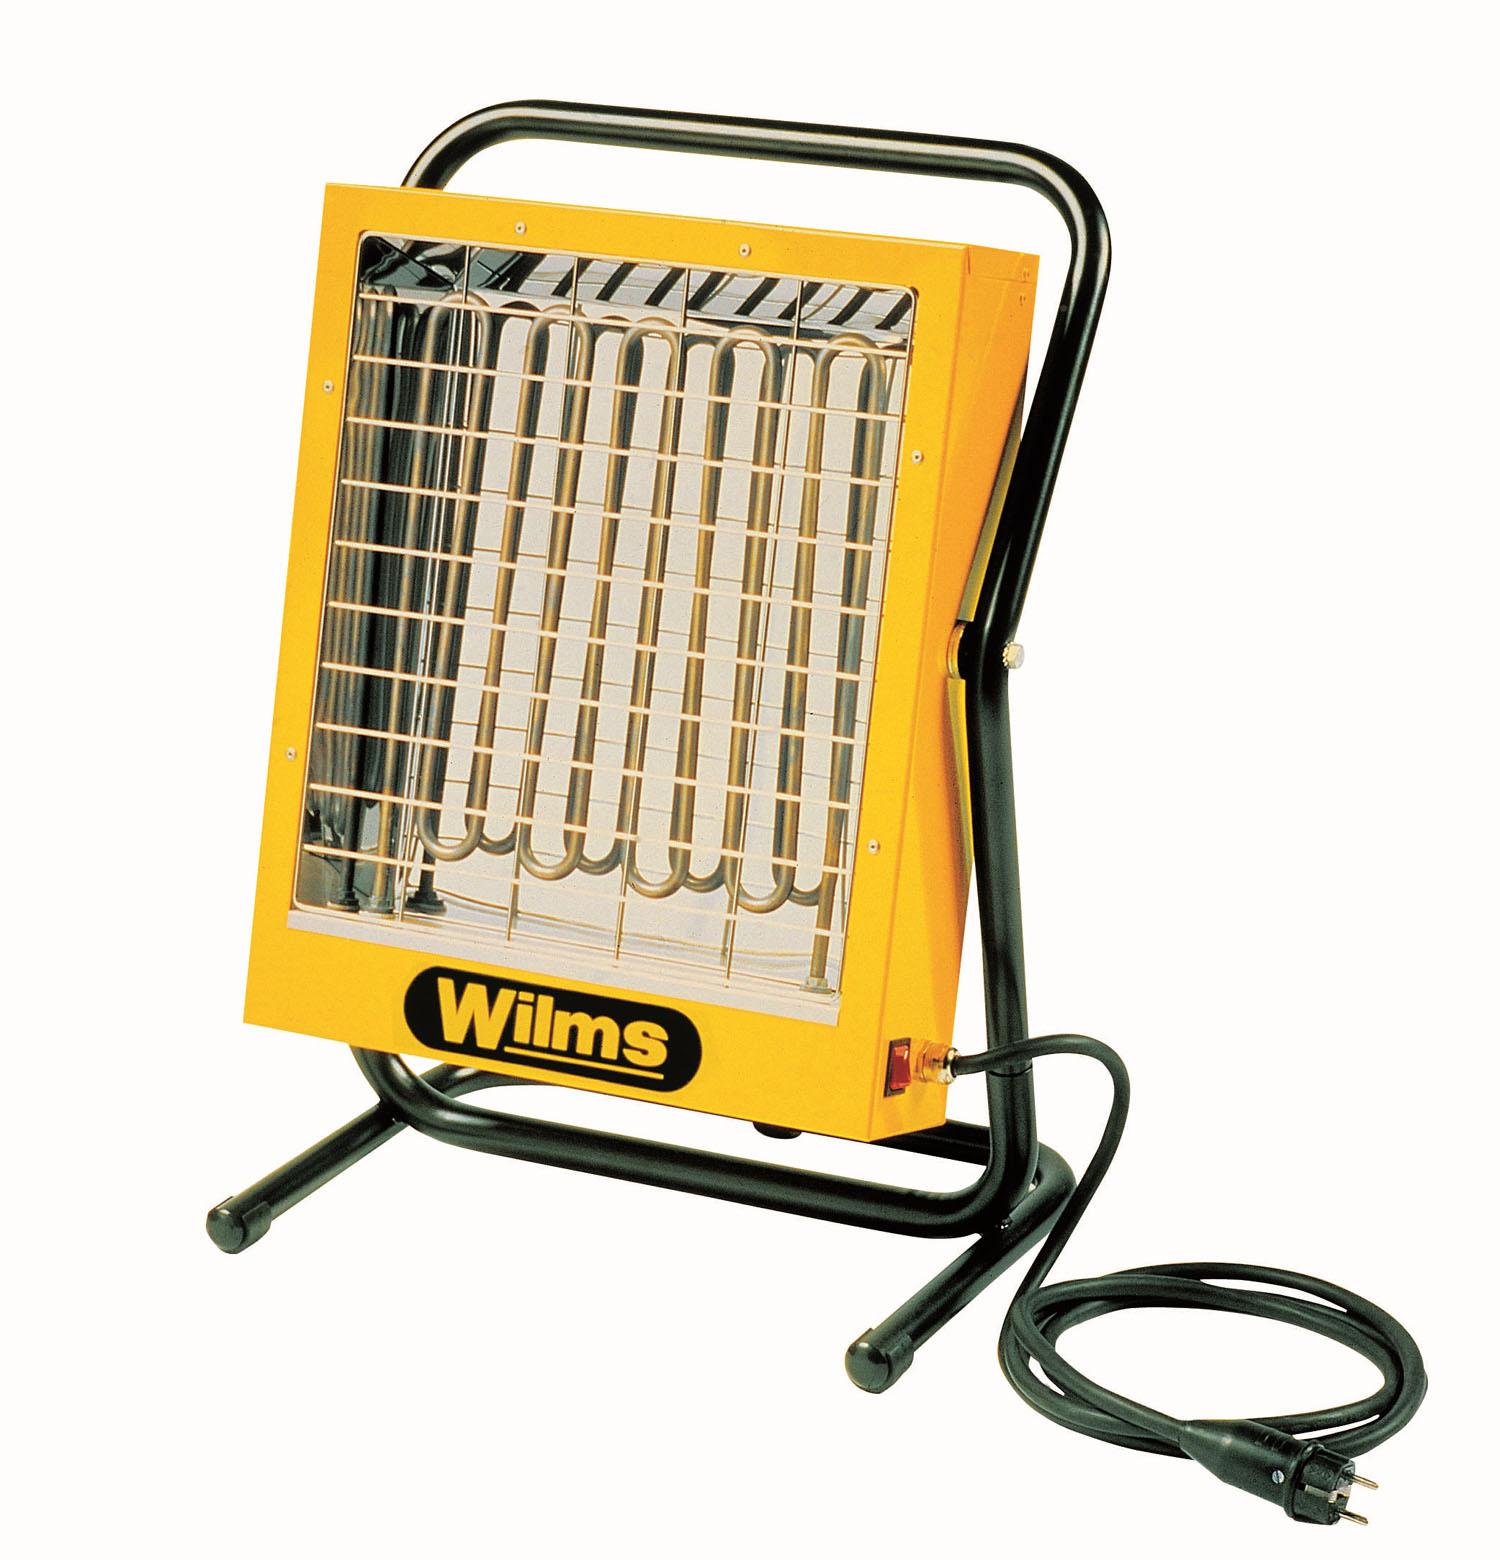 Generatoare de aer cald Wilms - Poza 10